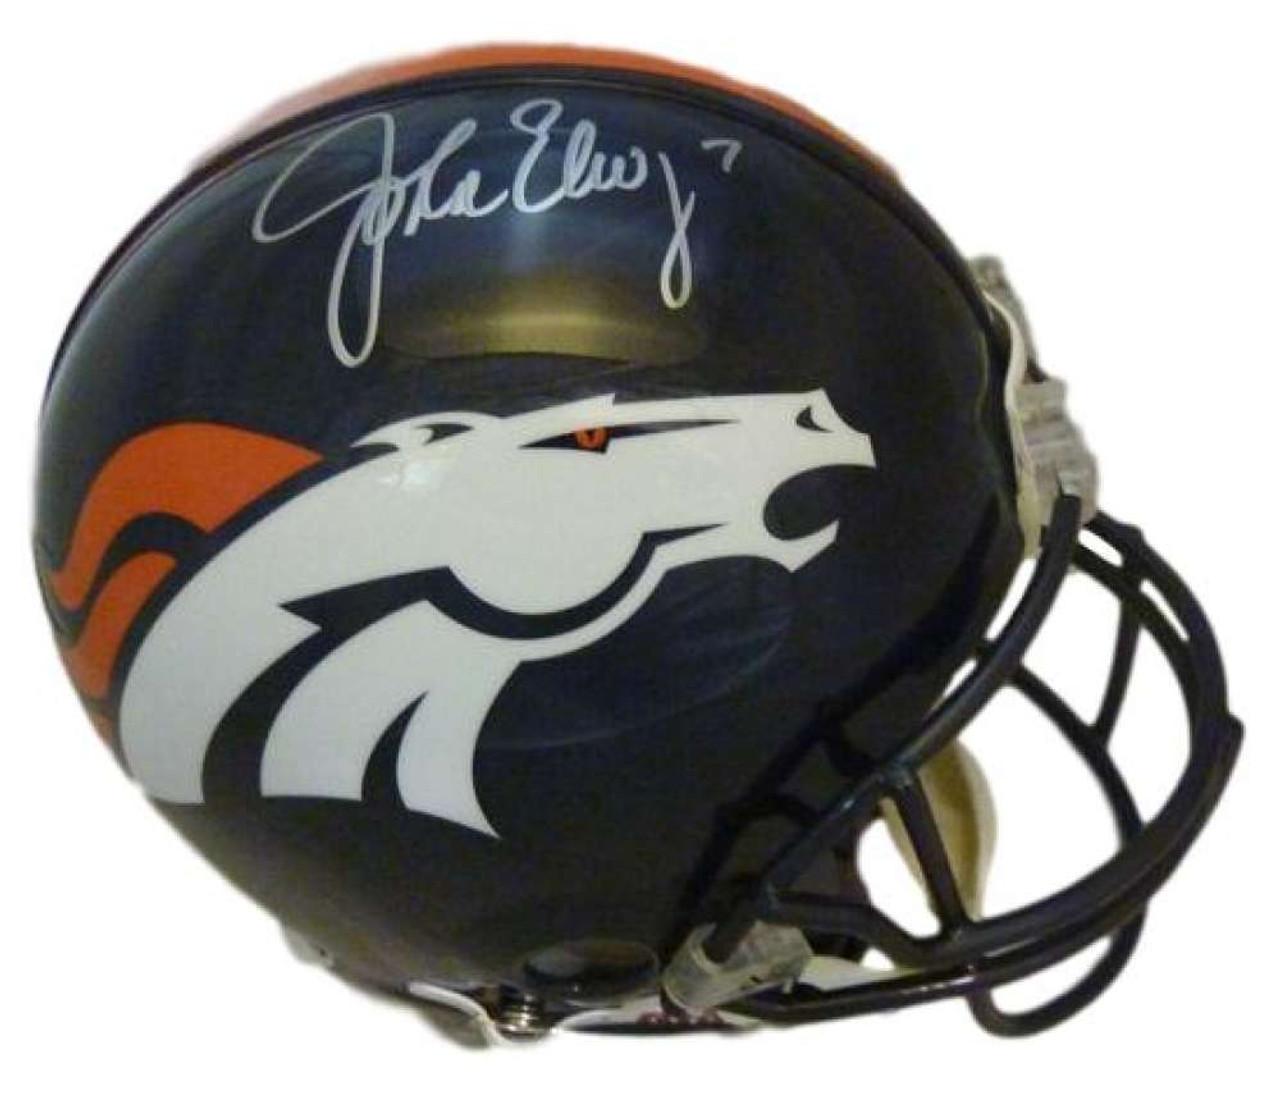 69593f2f John Elway Autographed Denver Broncos Full Size Current Proline Helmet JSA